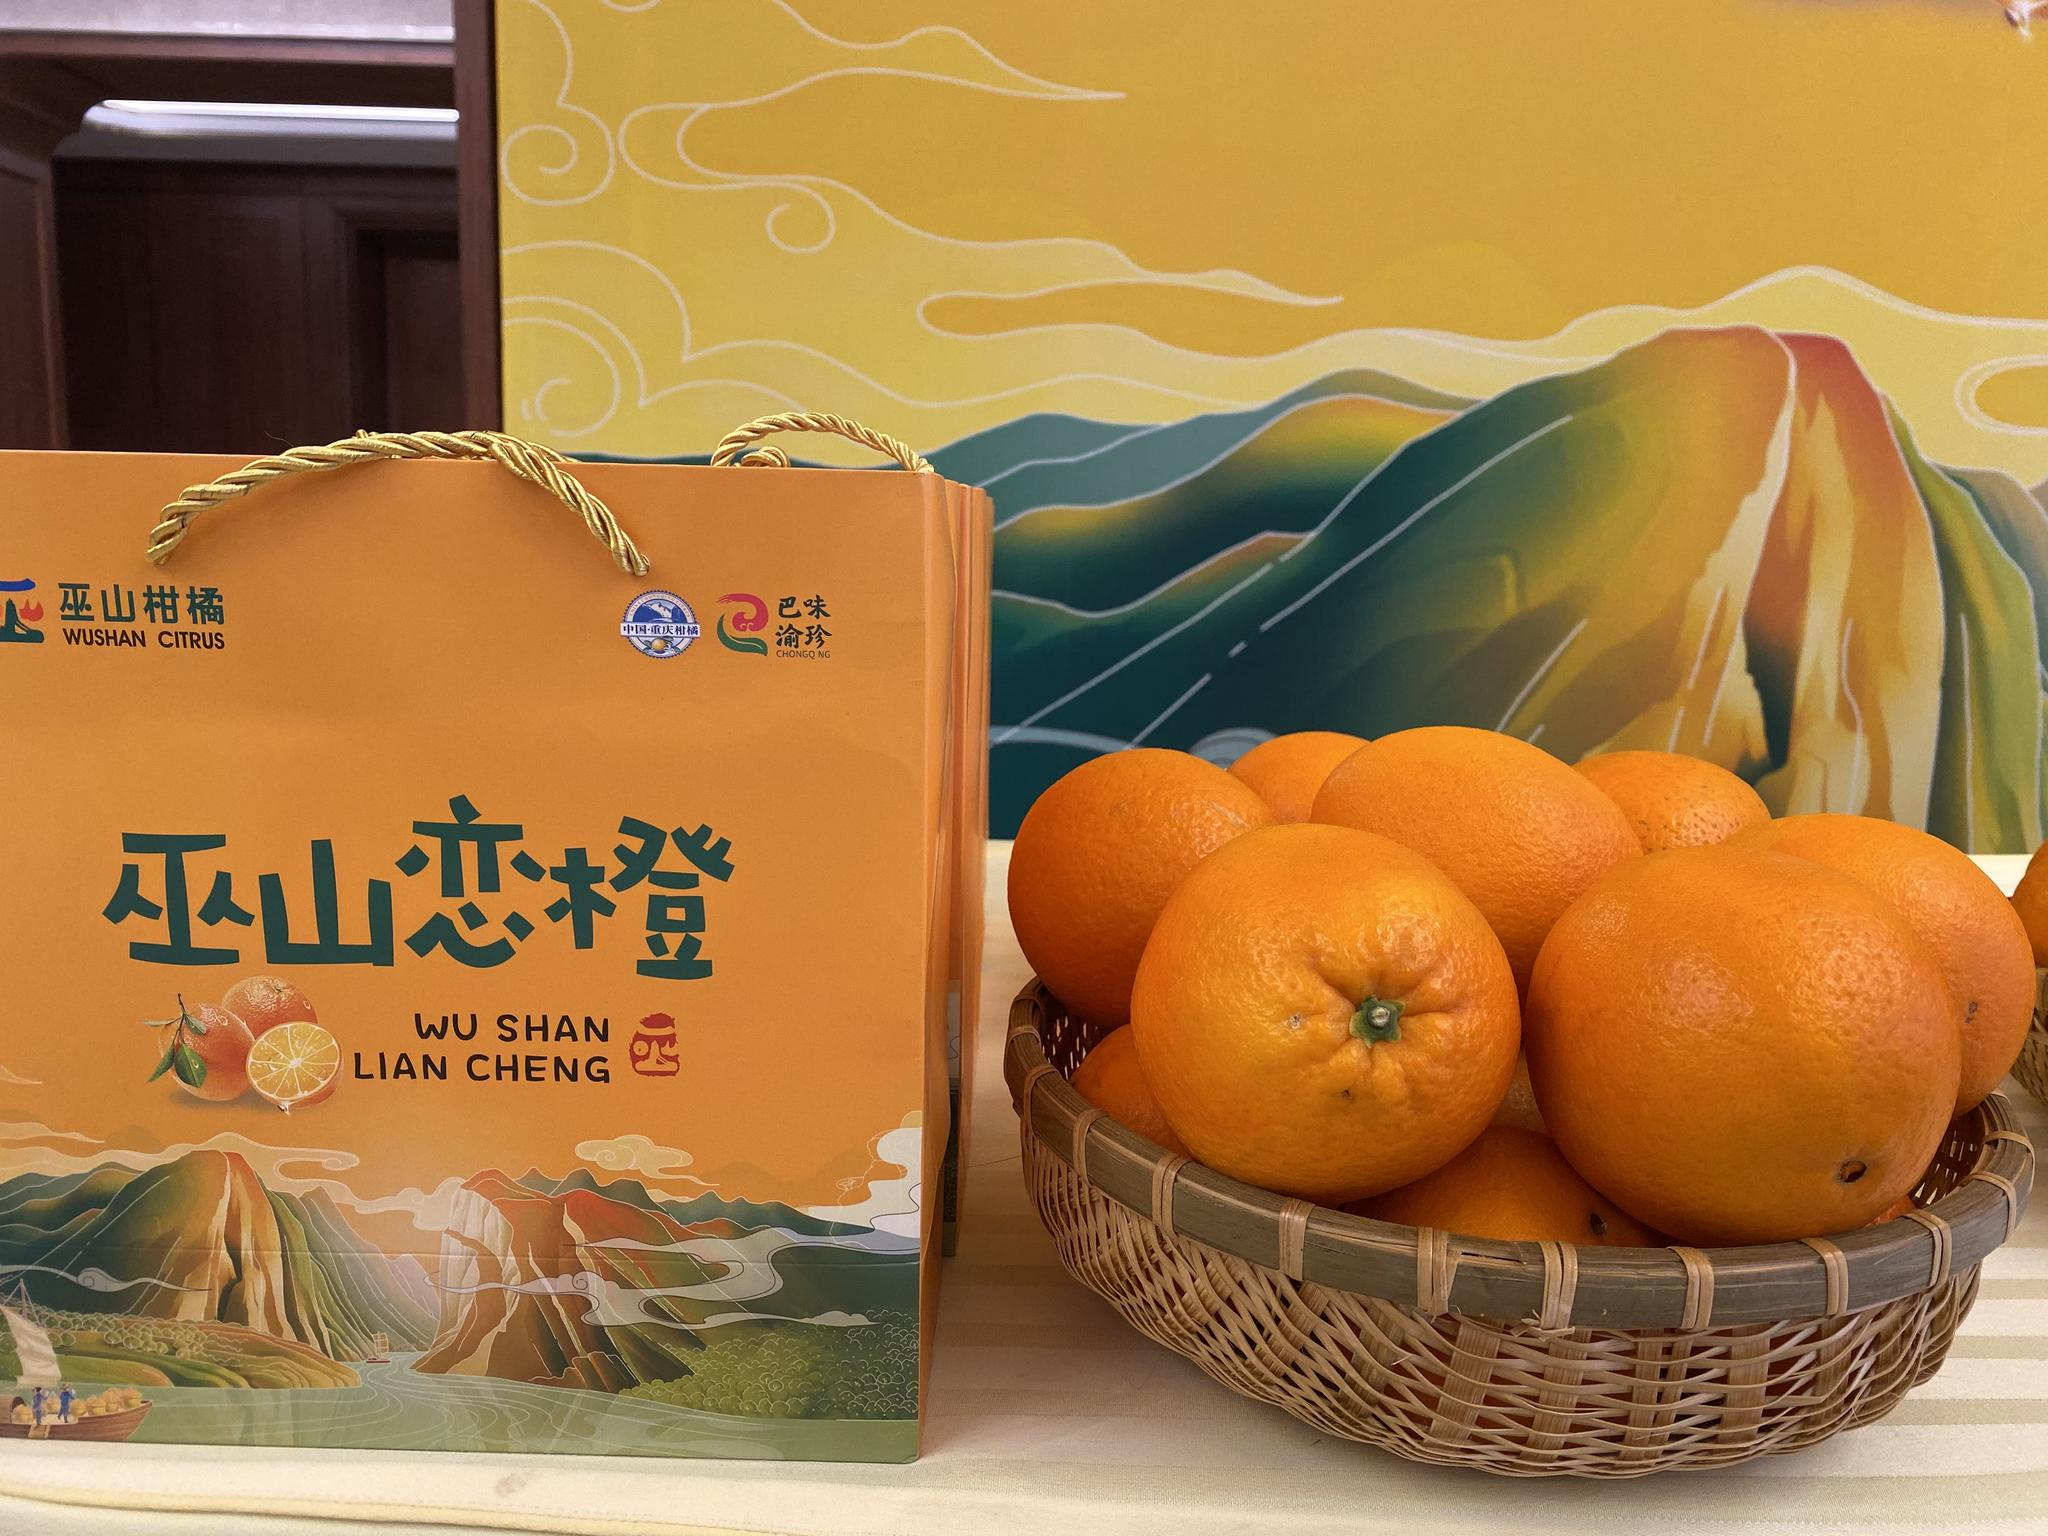 巫山恋橙欲通过生态和高端水果谋求突围图片